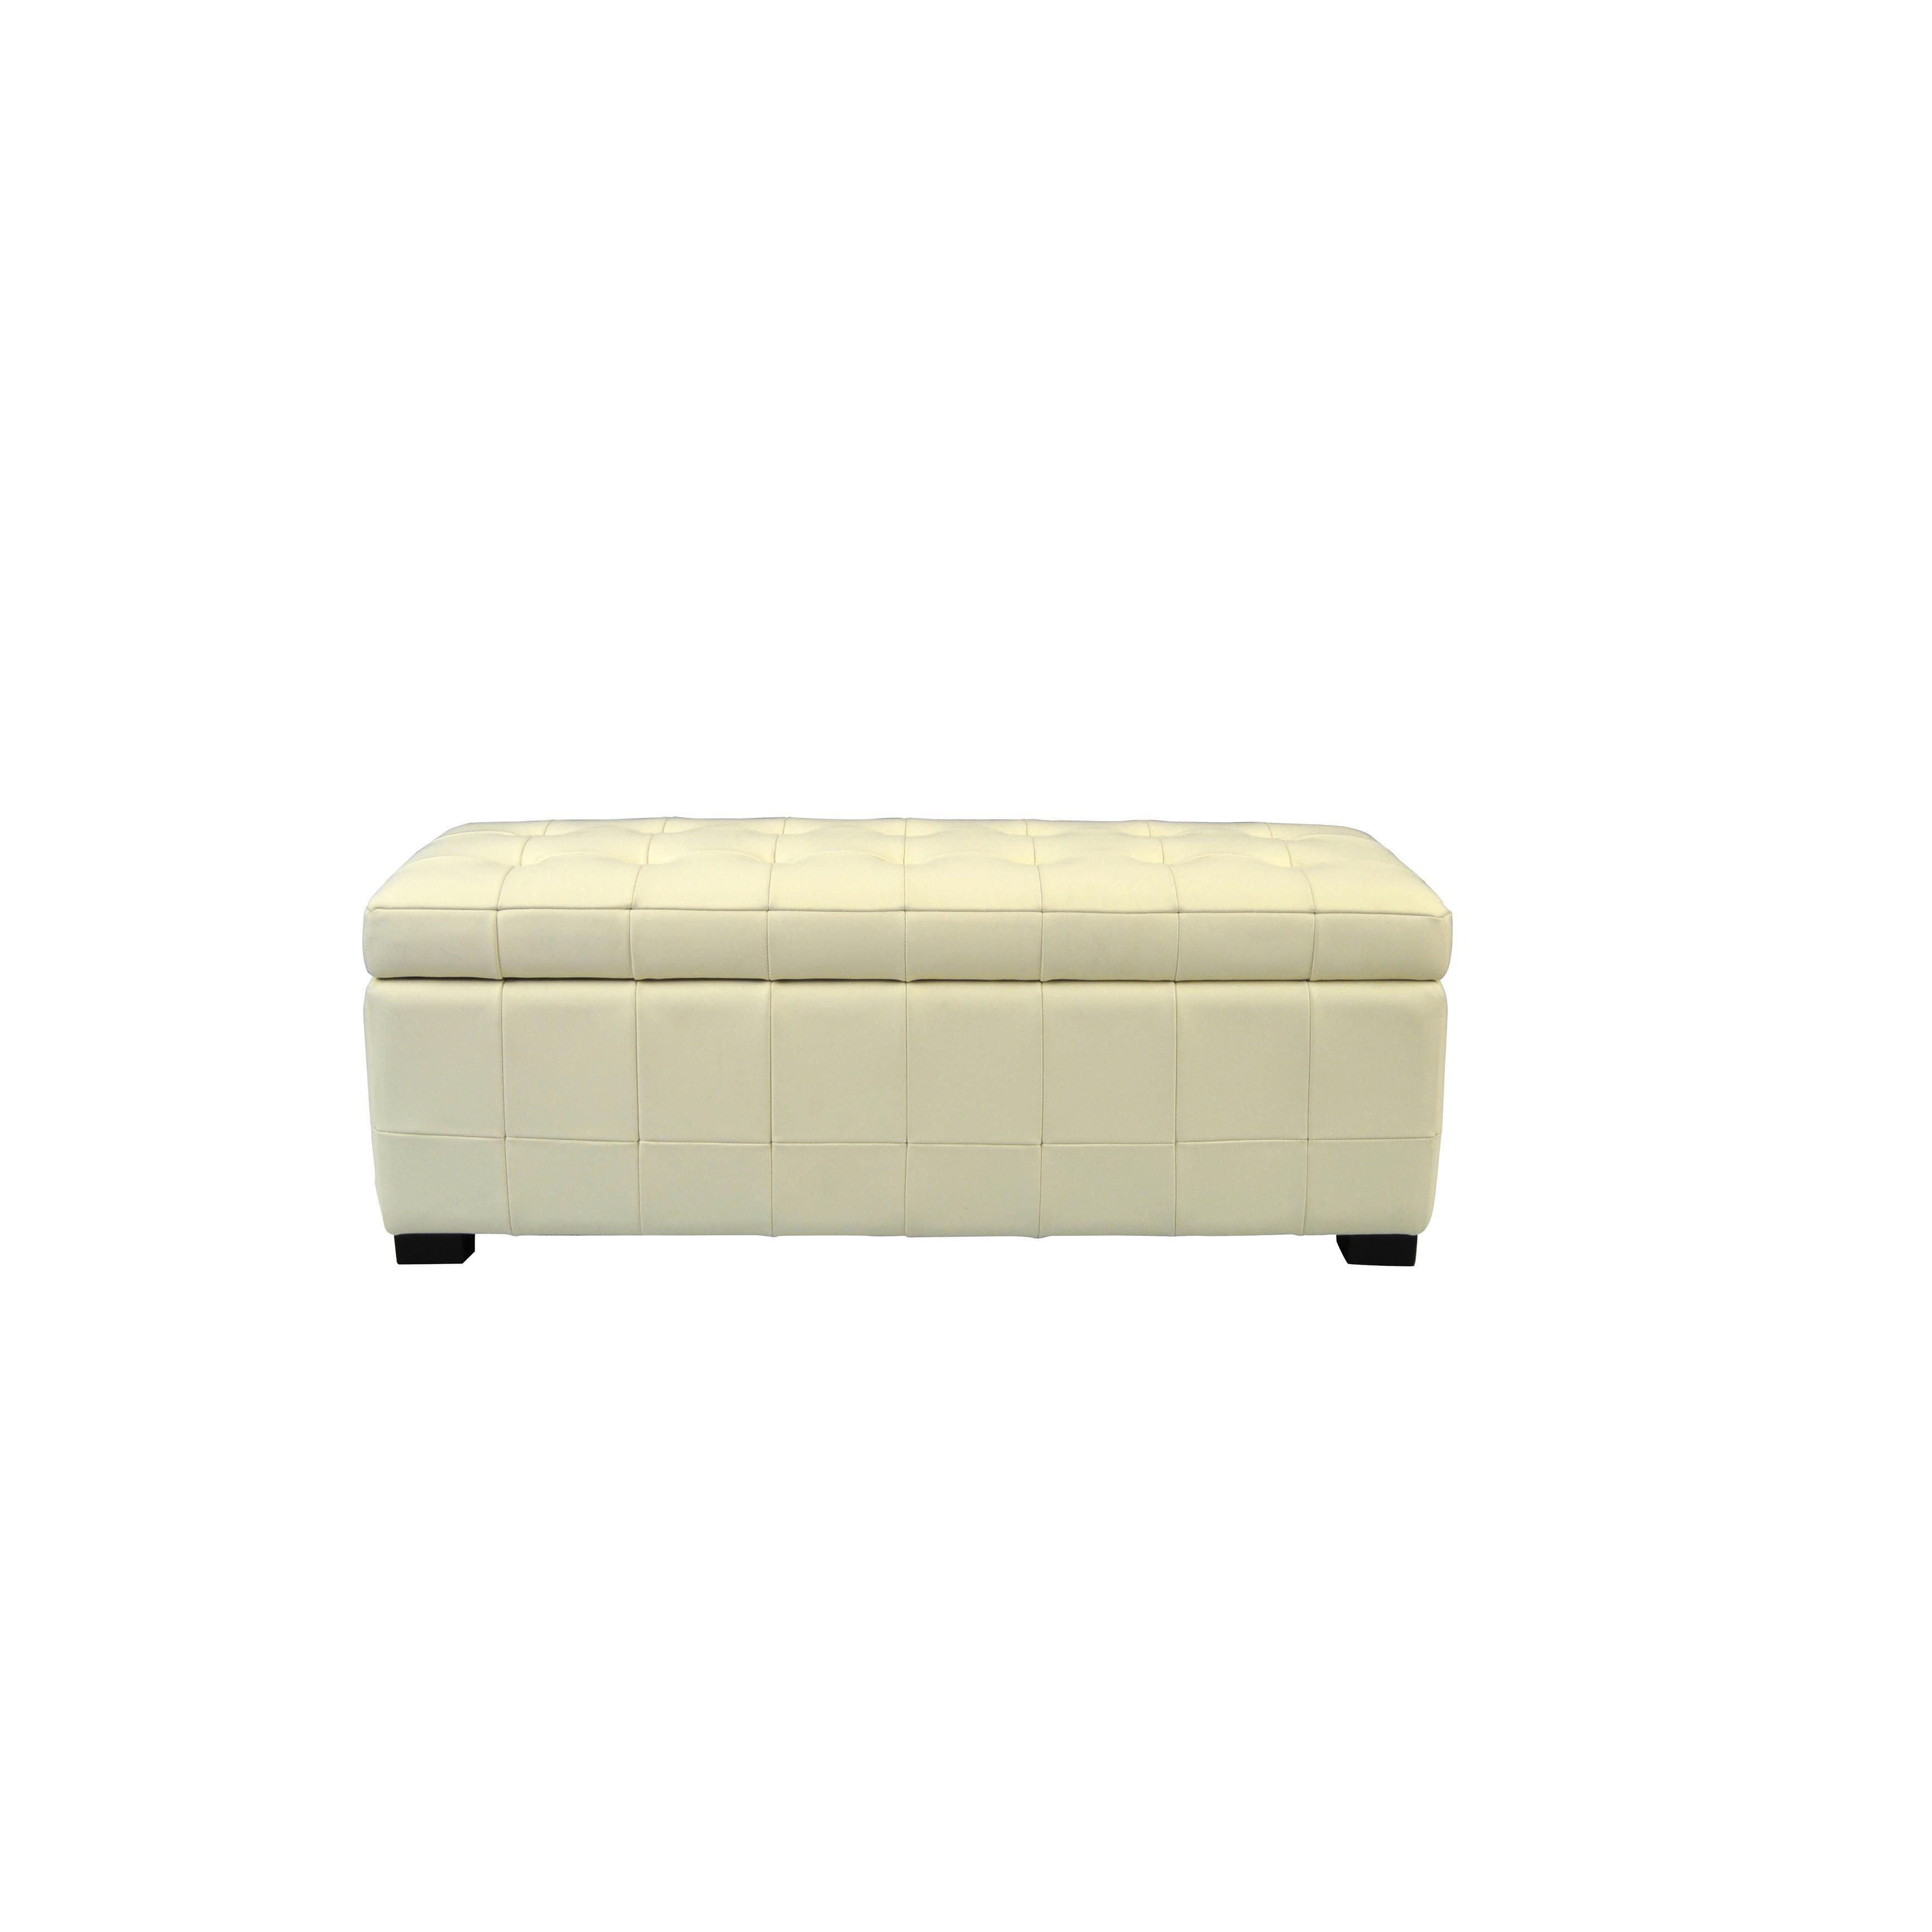 Safavieh Manhattan Off White (Beige) Small Storage Bench (Iron)